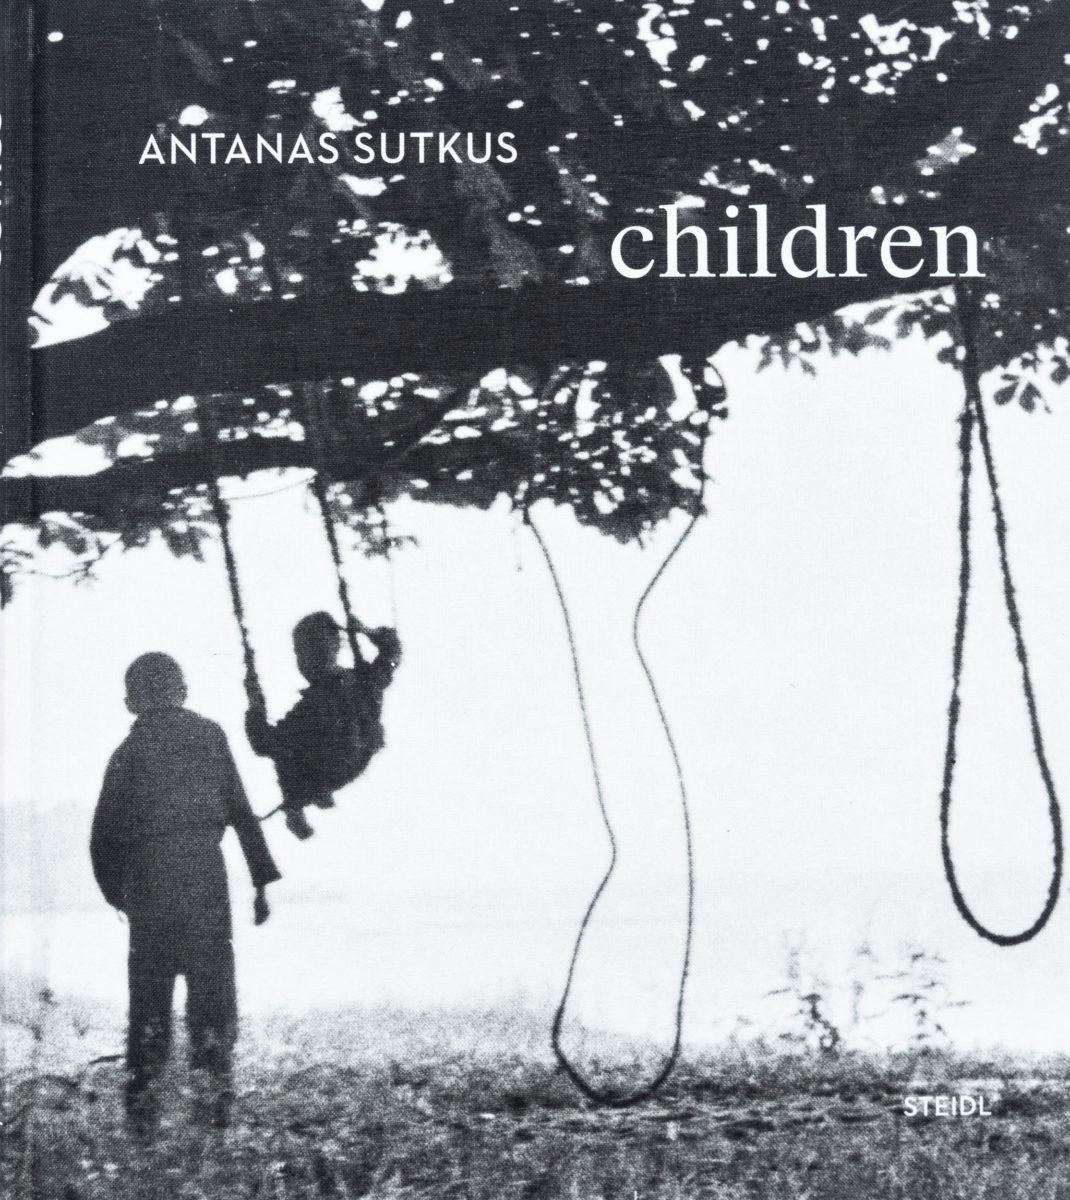 Antanas Sutkus, Children